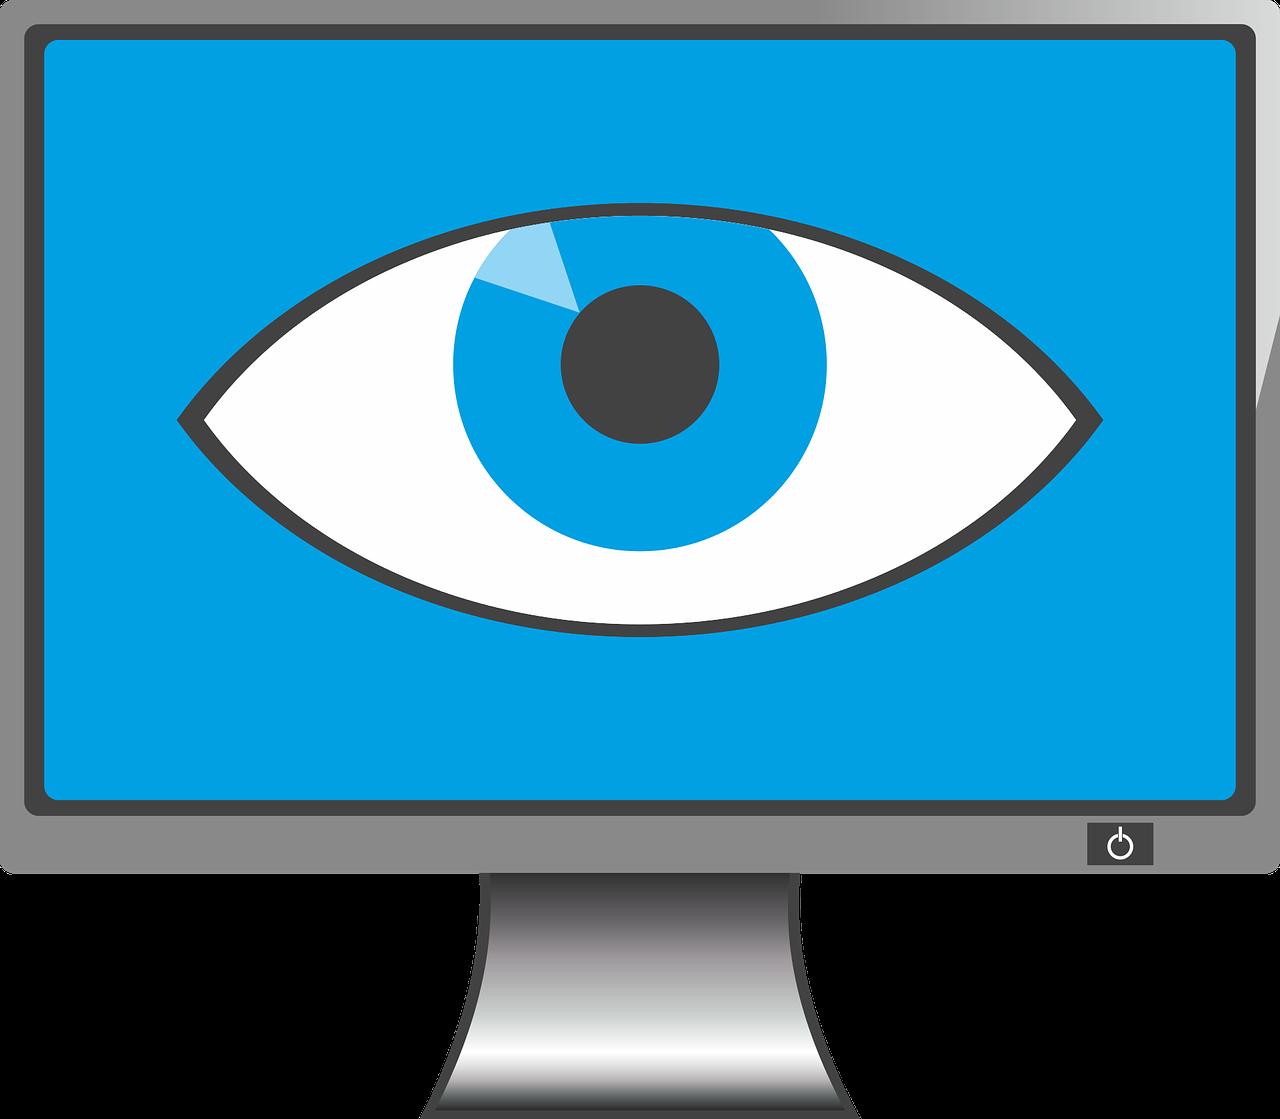 Cómo saber si estás siendo estafado en línea